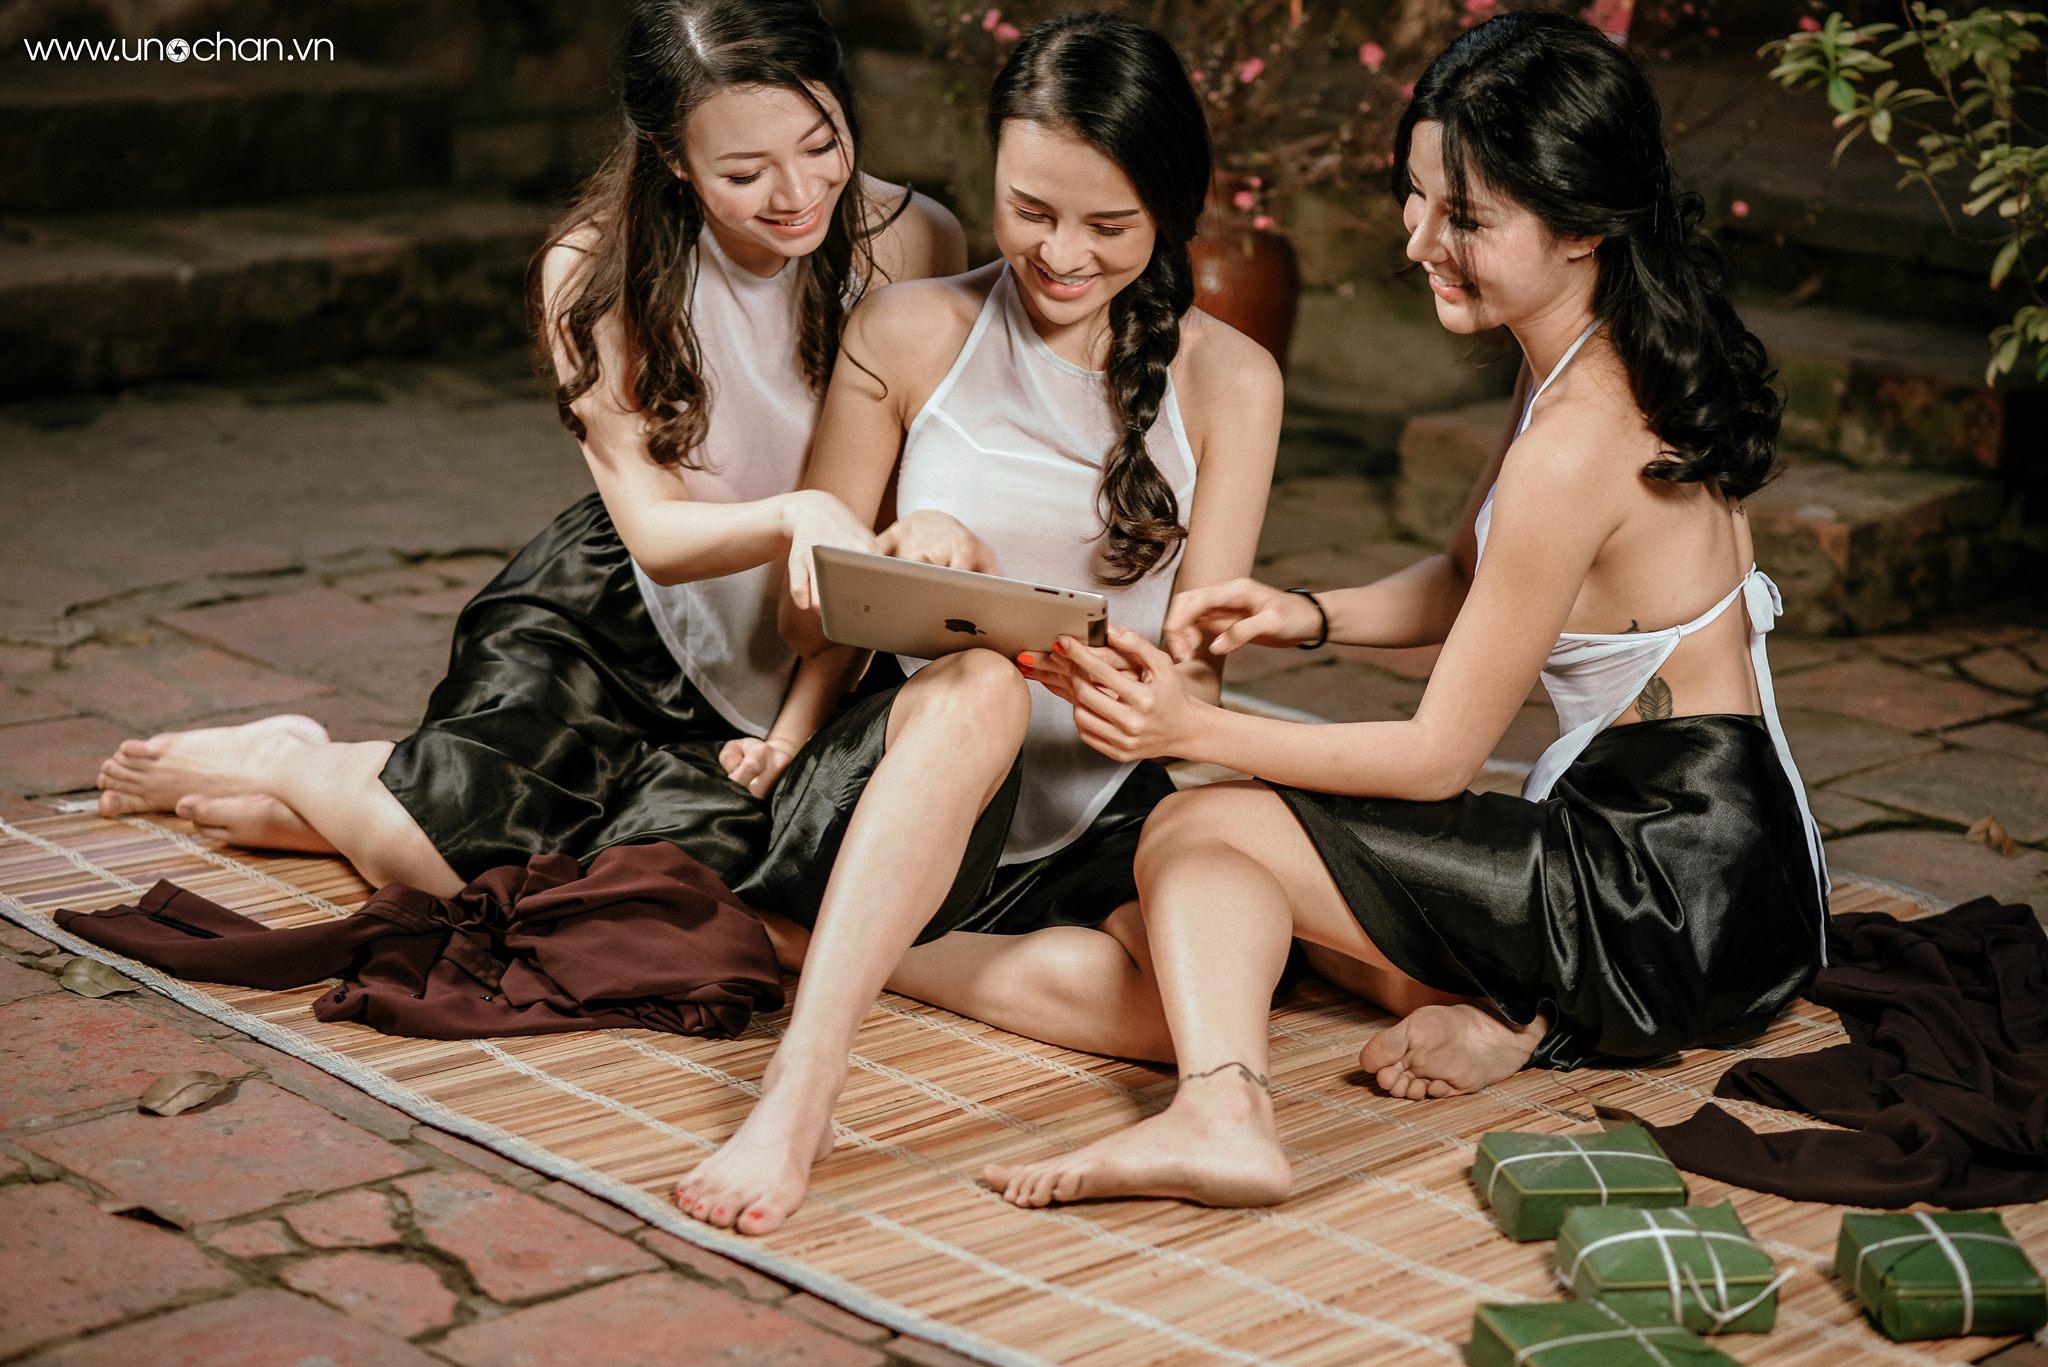 Bánh chưng, Bánh dày : Quỳnh Ruby, Đỗ Nguyệt, Phạm Thúy Ngân